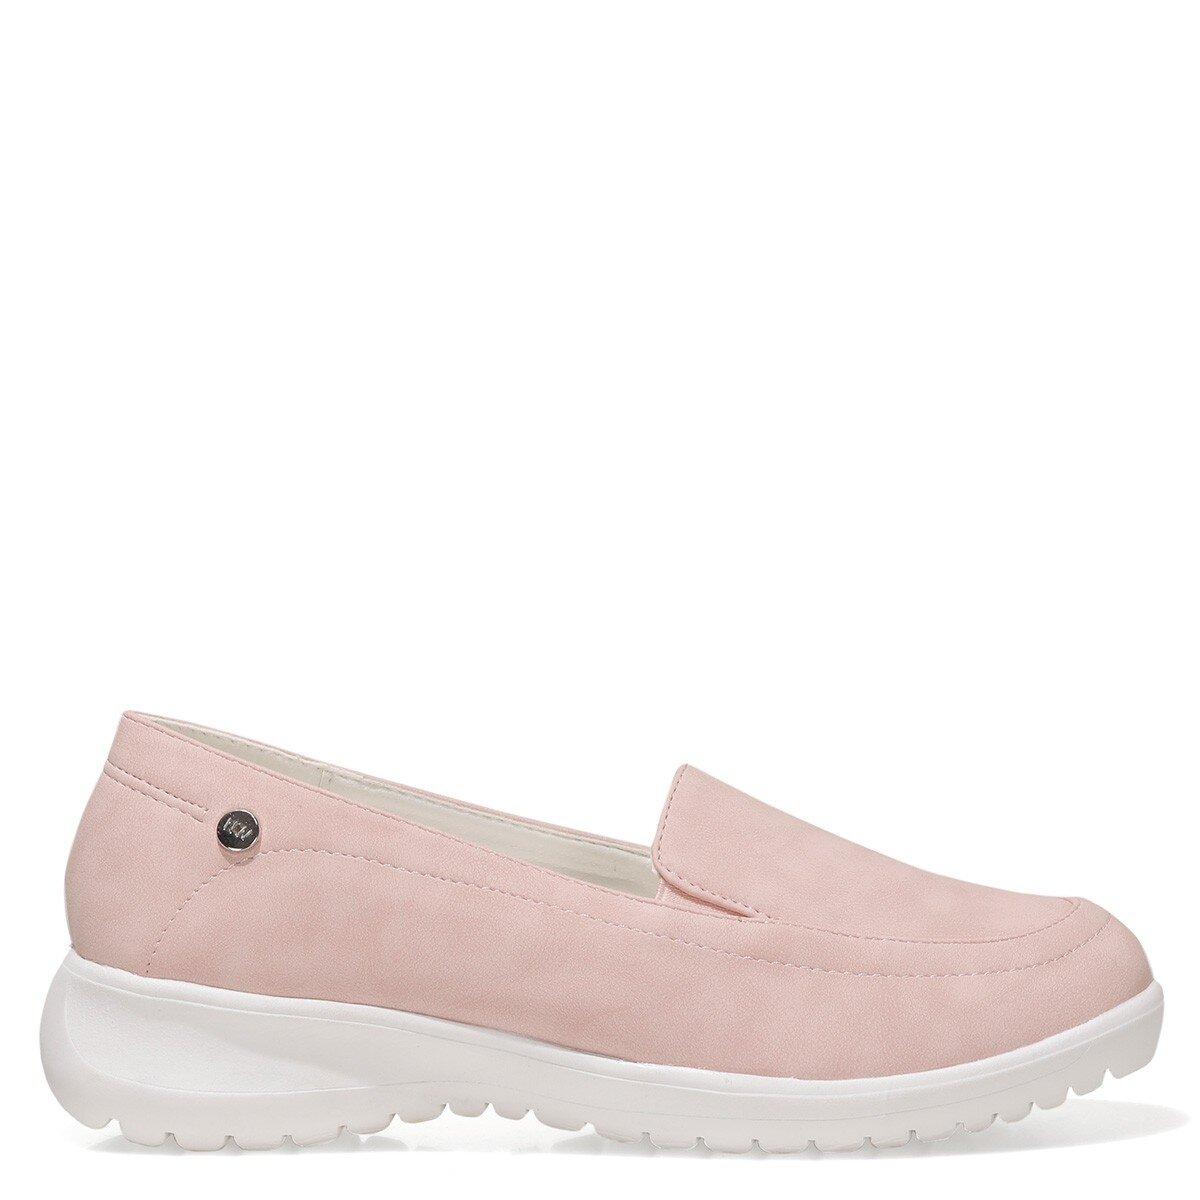 ISLA 1FX Pembe Kadın Loafer Ayakkabı